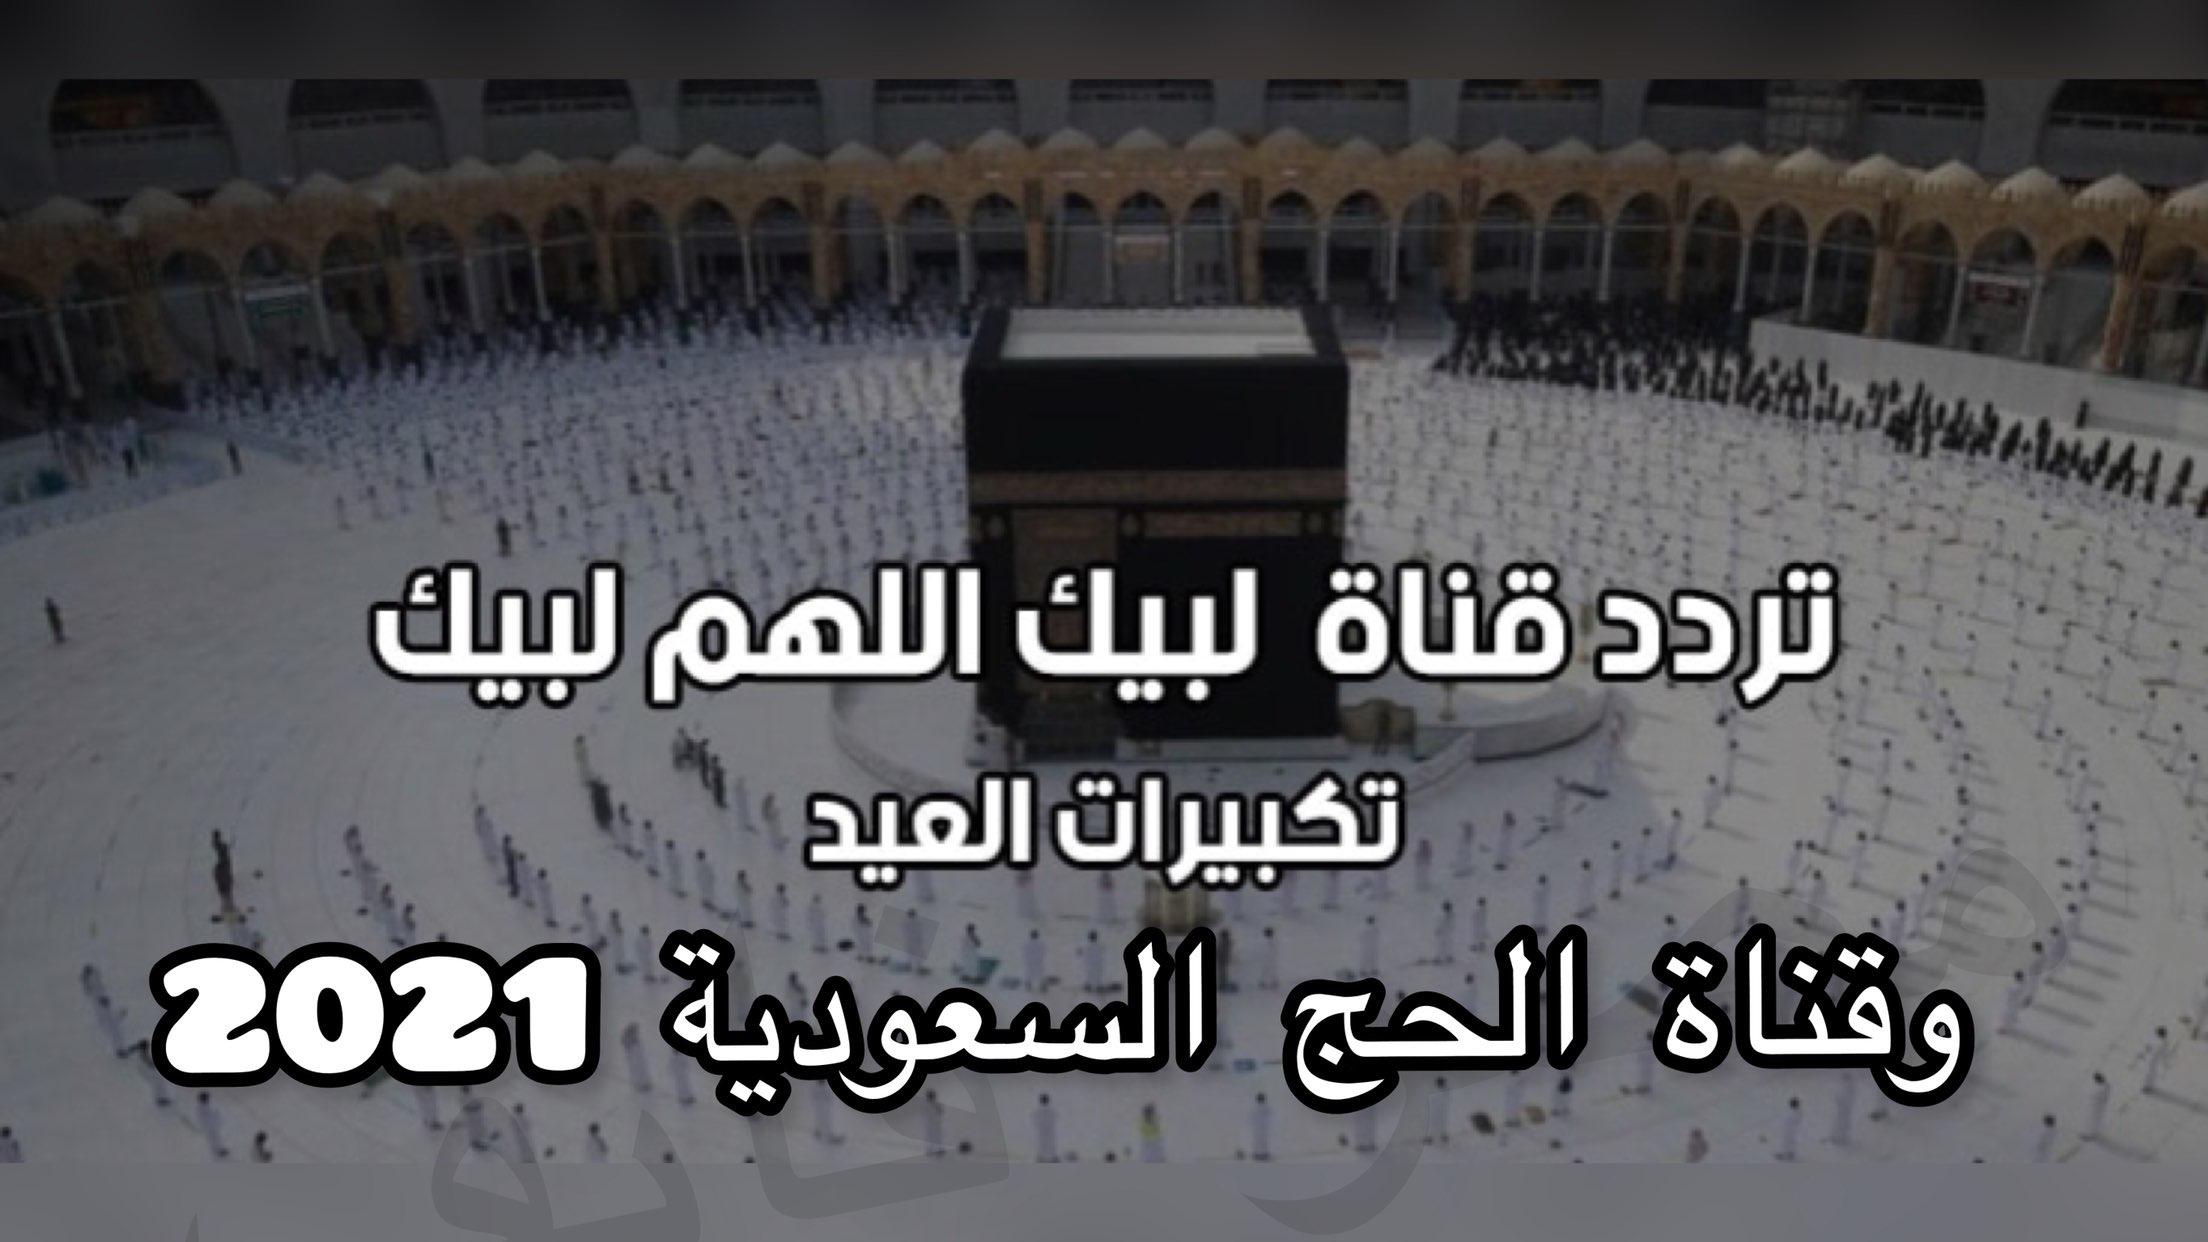 تردد قناة لبيك اللهم لبيك وقناة الحج السعودية لنقل شعائر الحج 2021